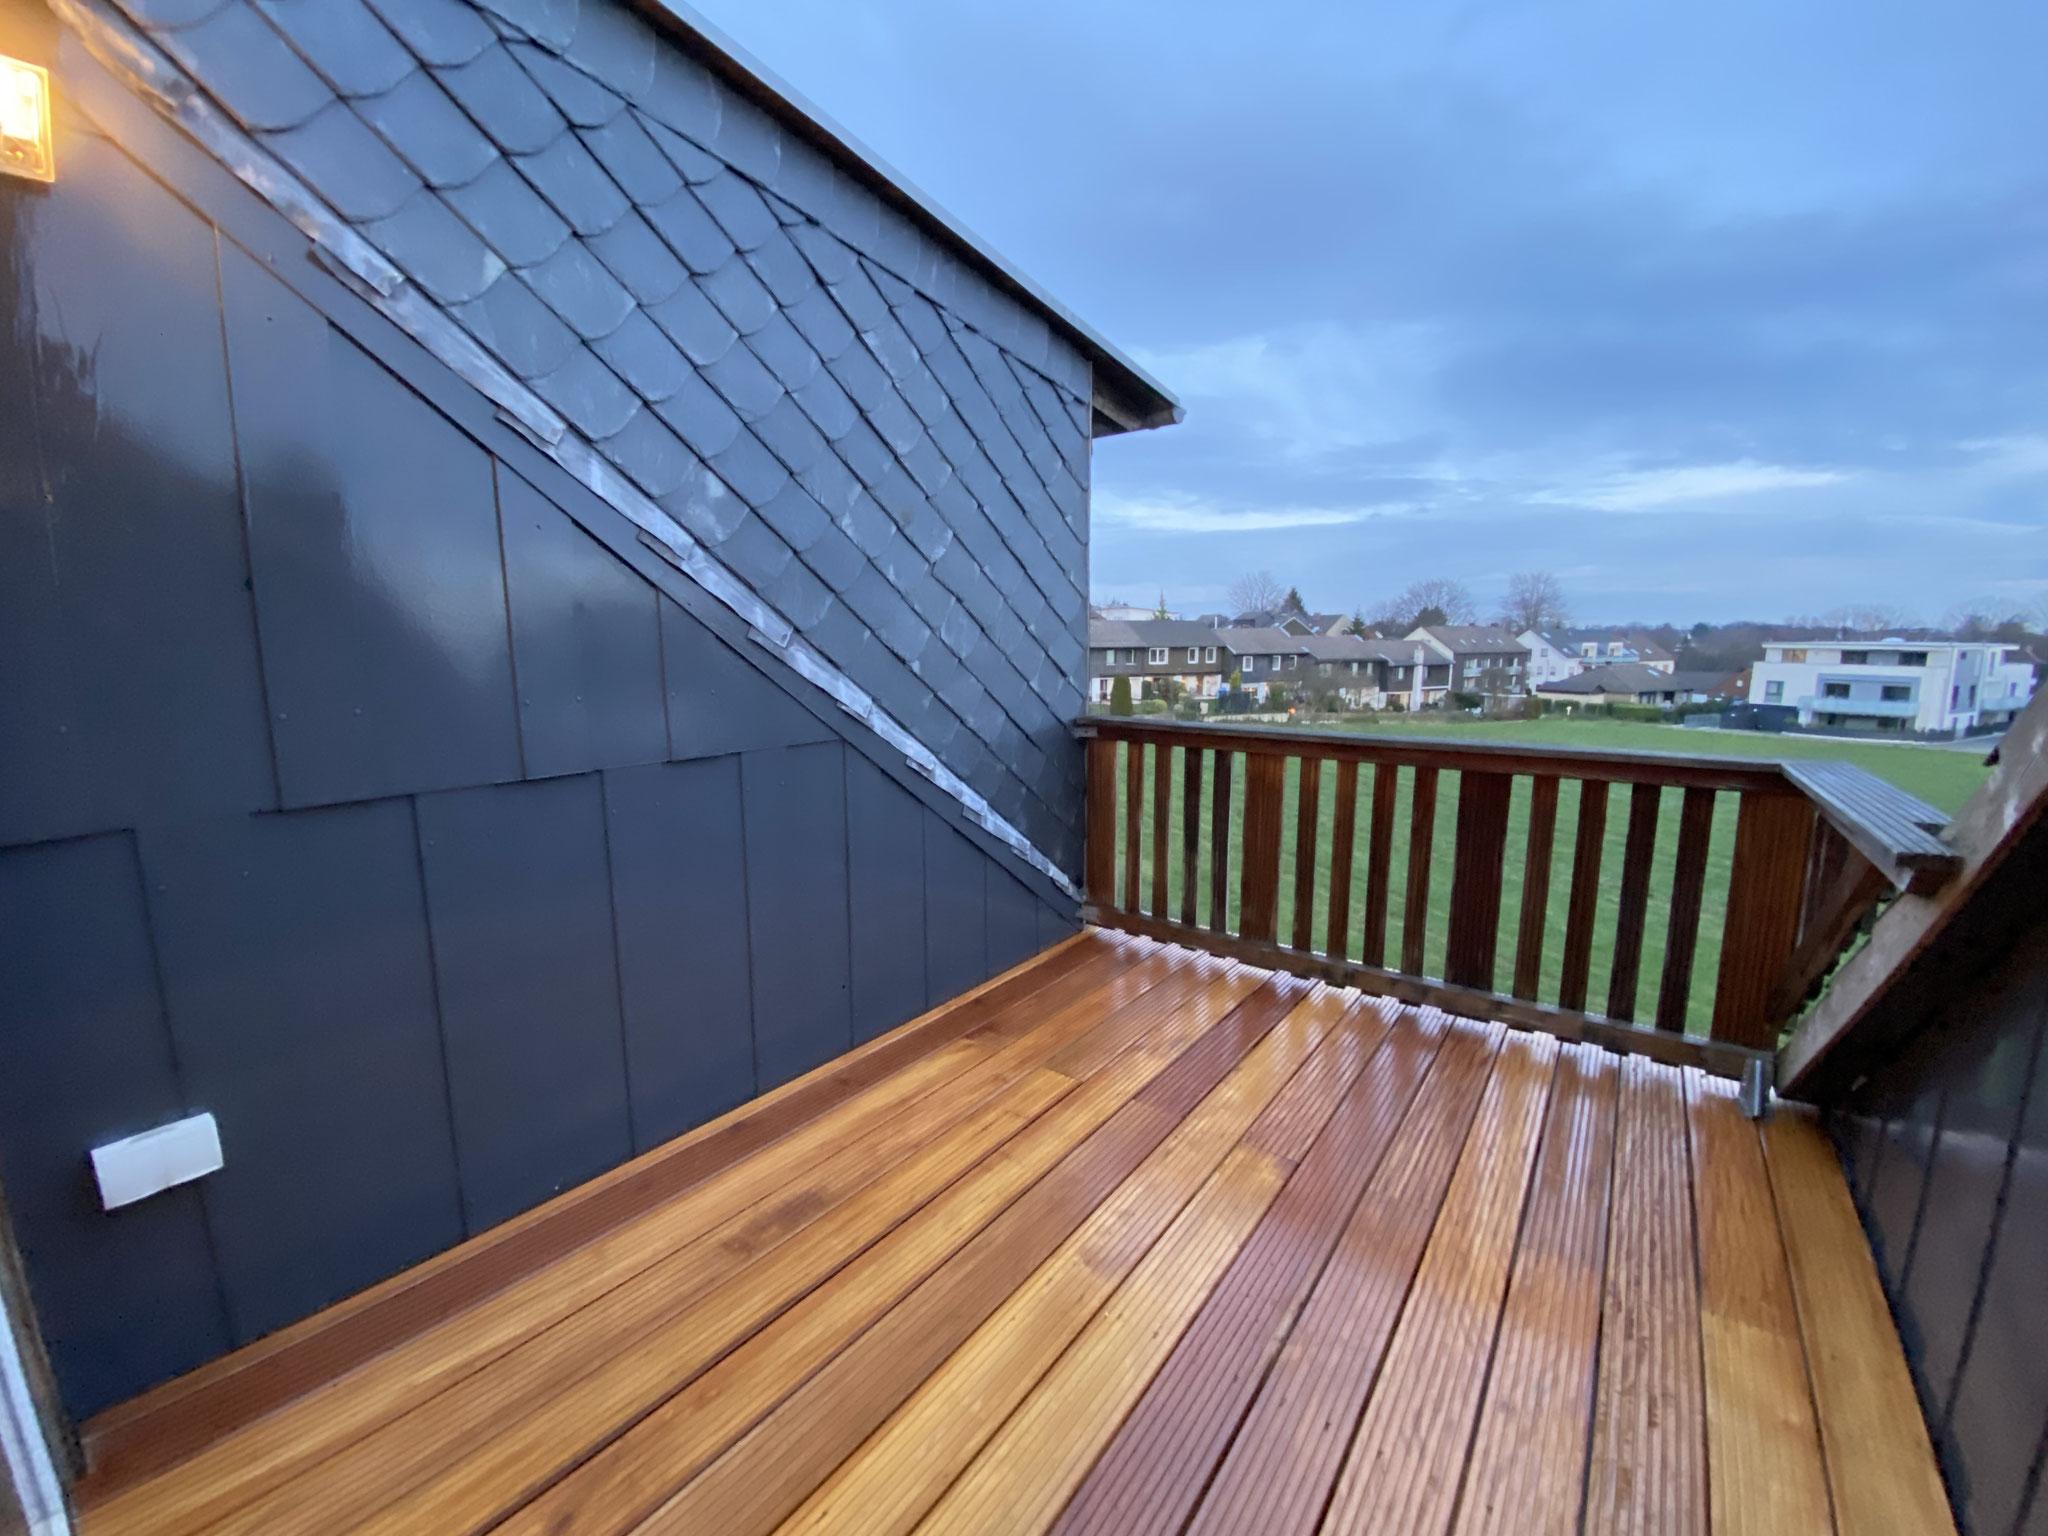 Nachher! Neuer Bodenbelag inklusiv das Streichen der Seitenwände lässt den Balkon moderner wirken